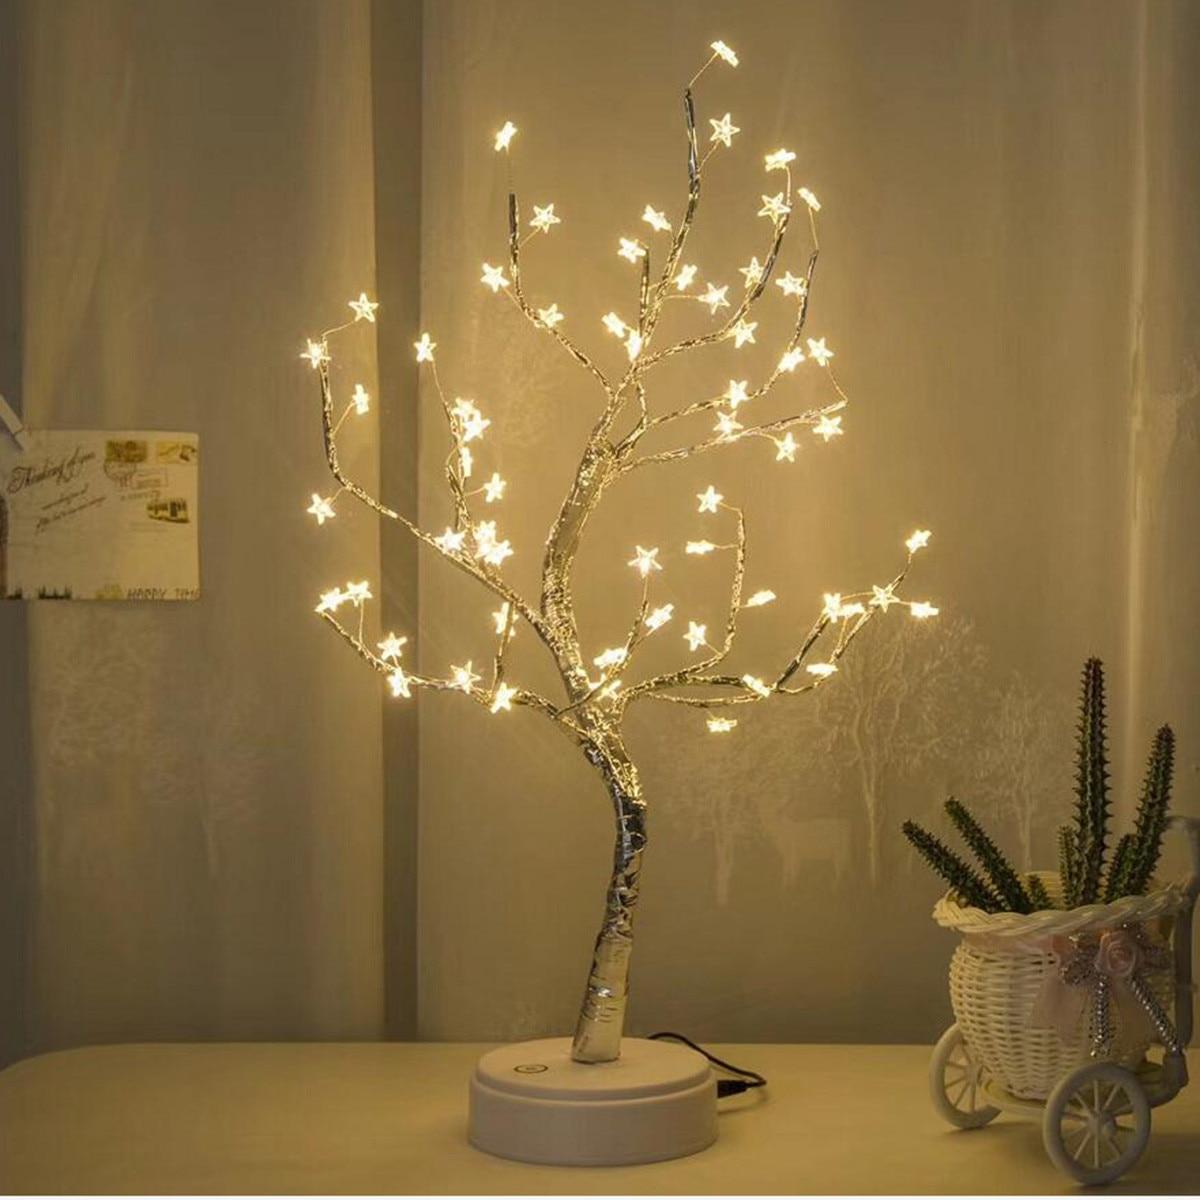 Orijinal ALIWARM Beyaz LED 60 Beyaz Yıldız Masa Lambası Ev Dekorasyon Için Düğün Yatak Odası Dropshipping 20